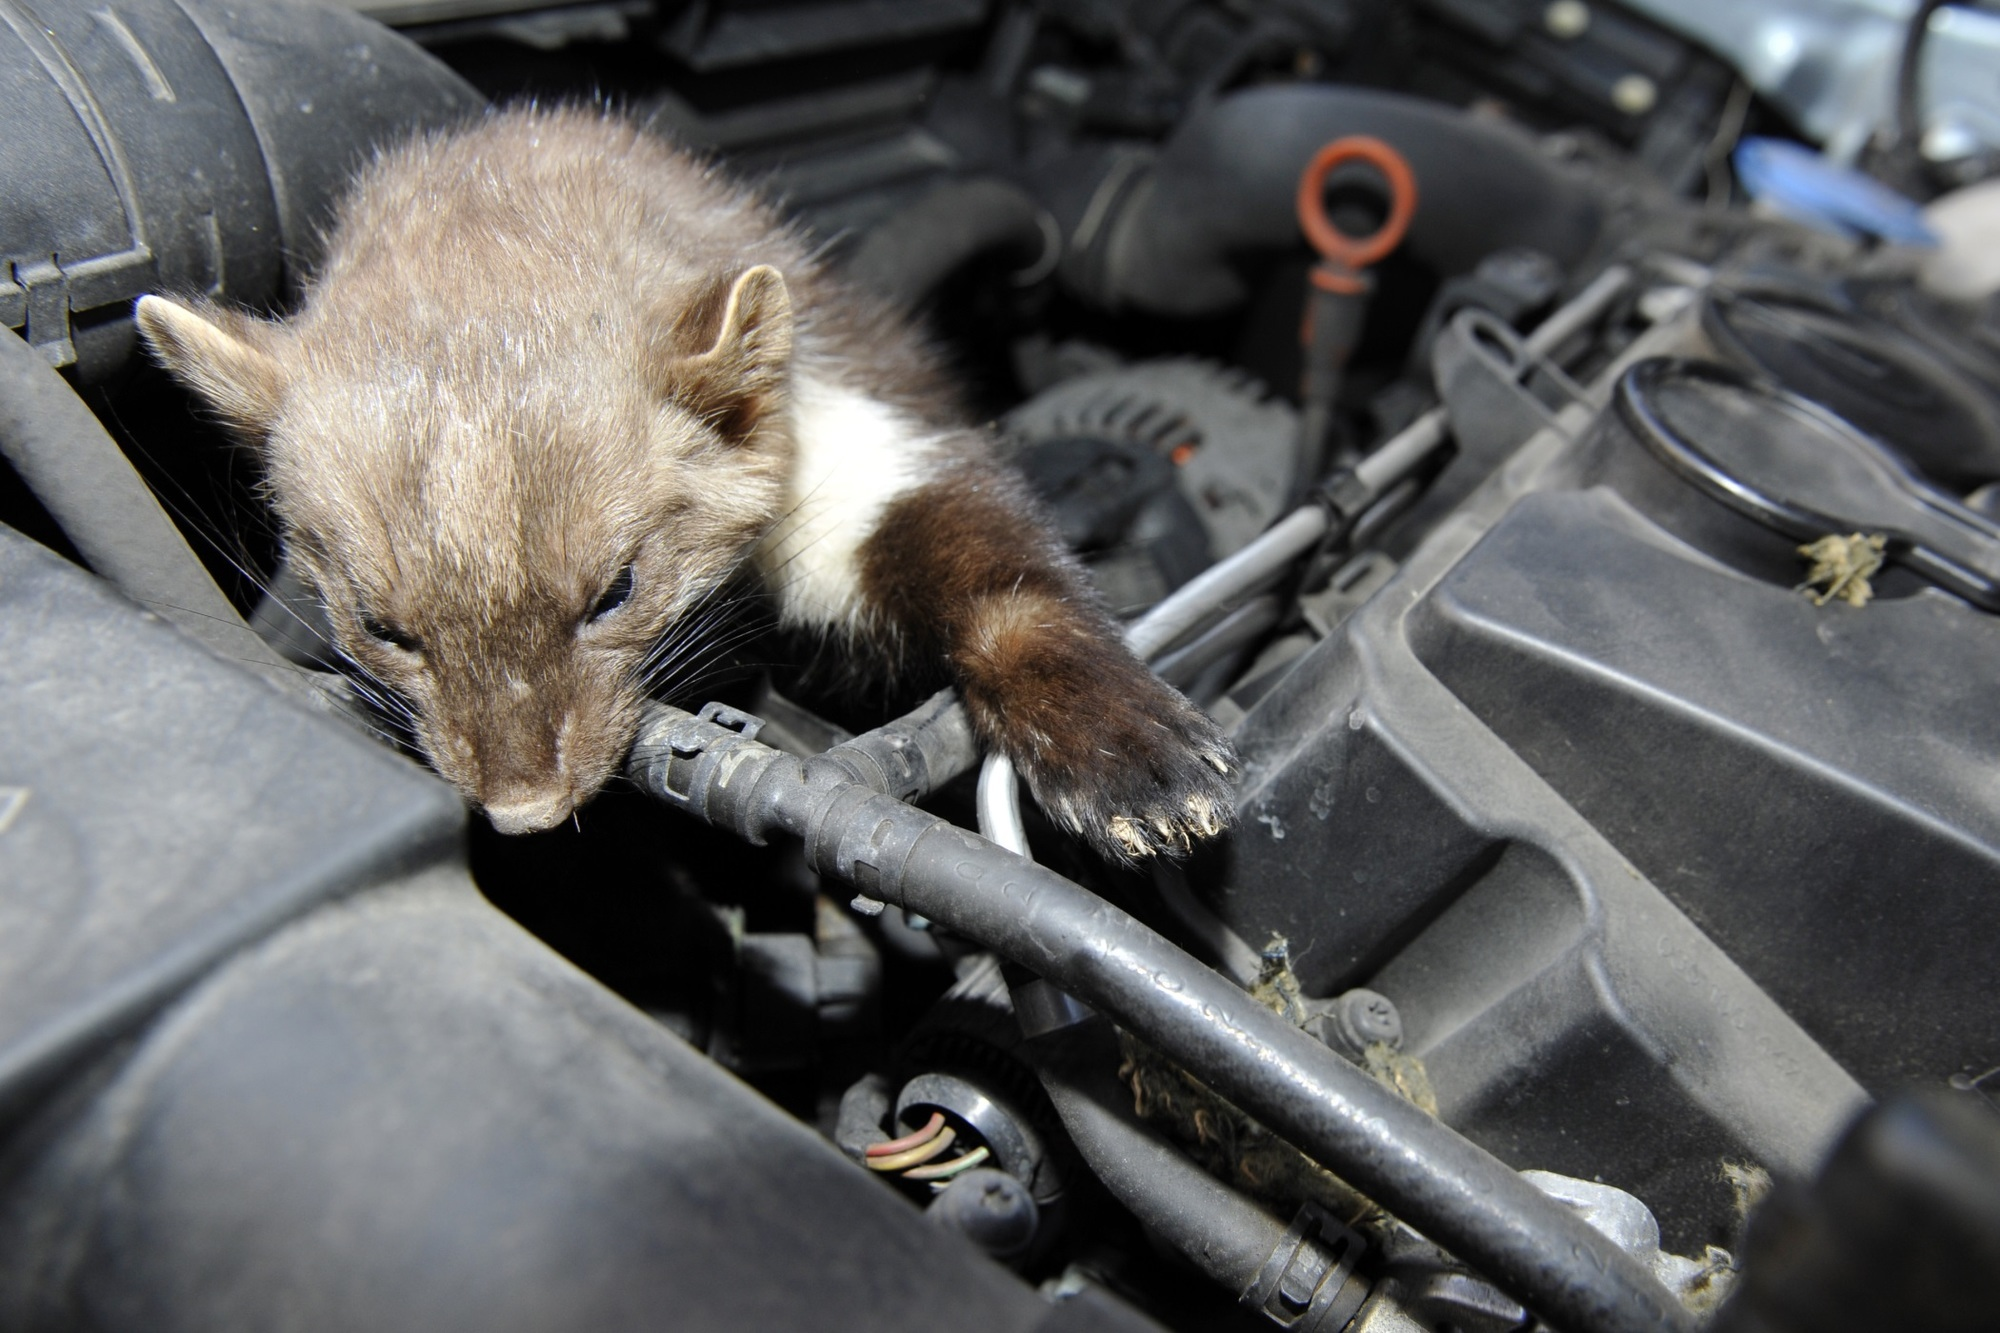 Ratgeber: So schützt man sein Auto vor Marderbissen - Hausmittelchen helfen nicht